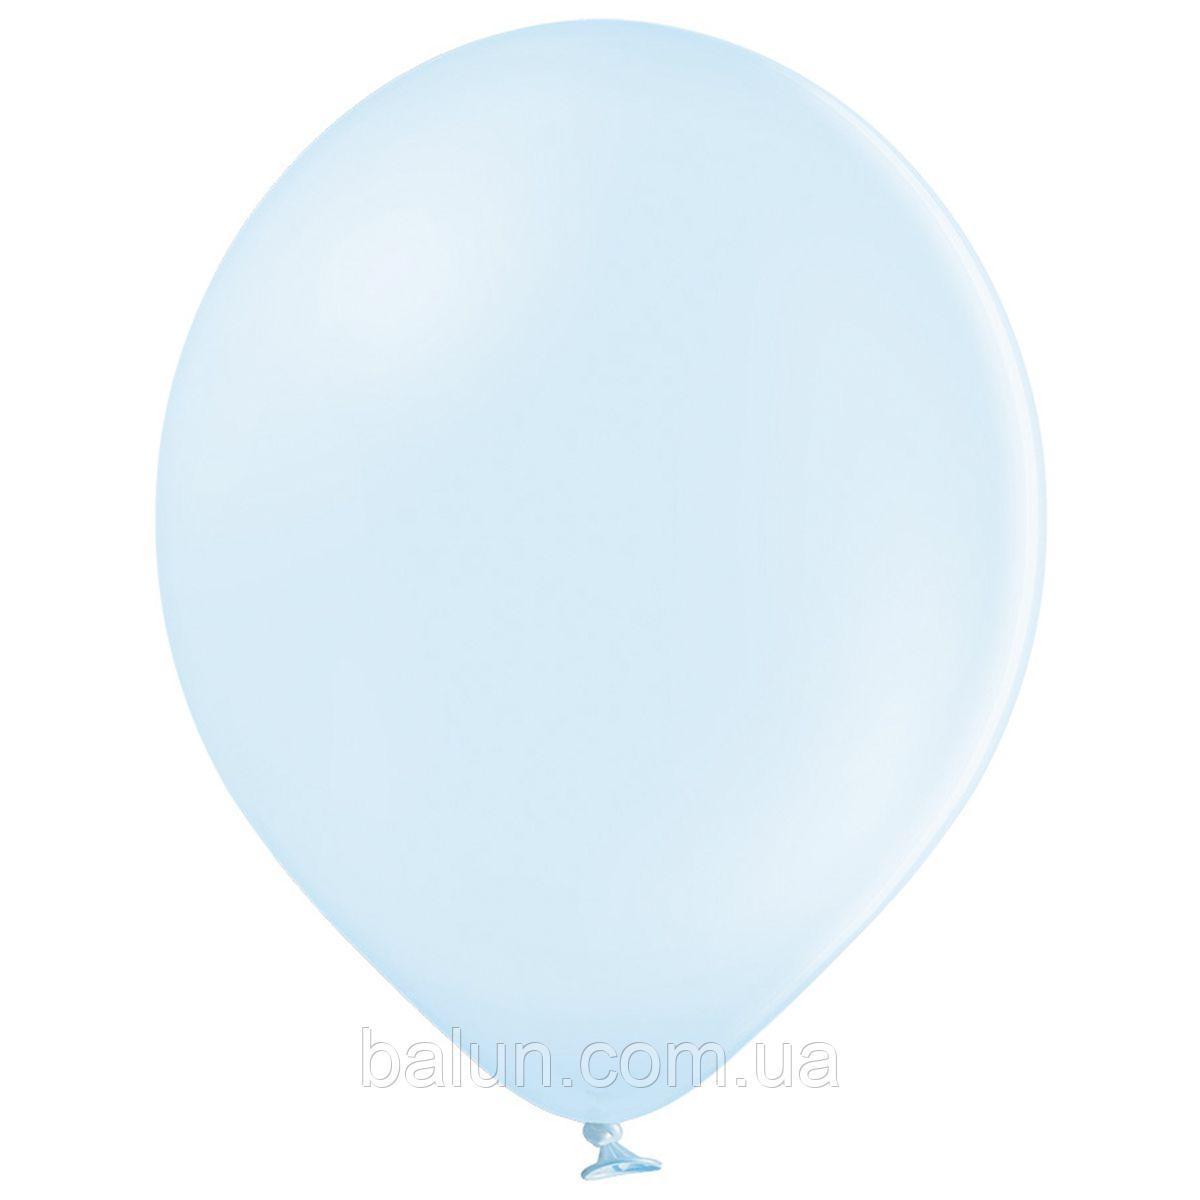 Belbal 85/449 Пастель світло-блакитний Макарун